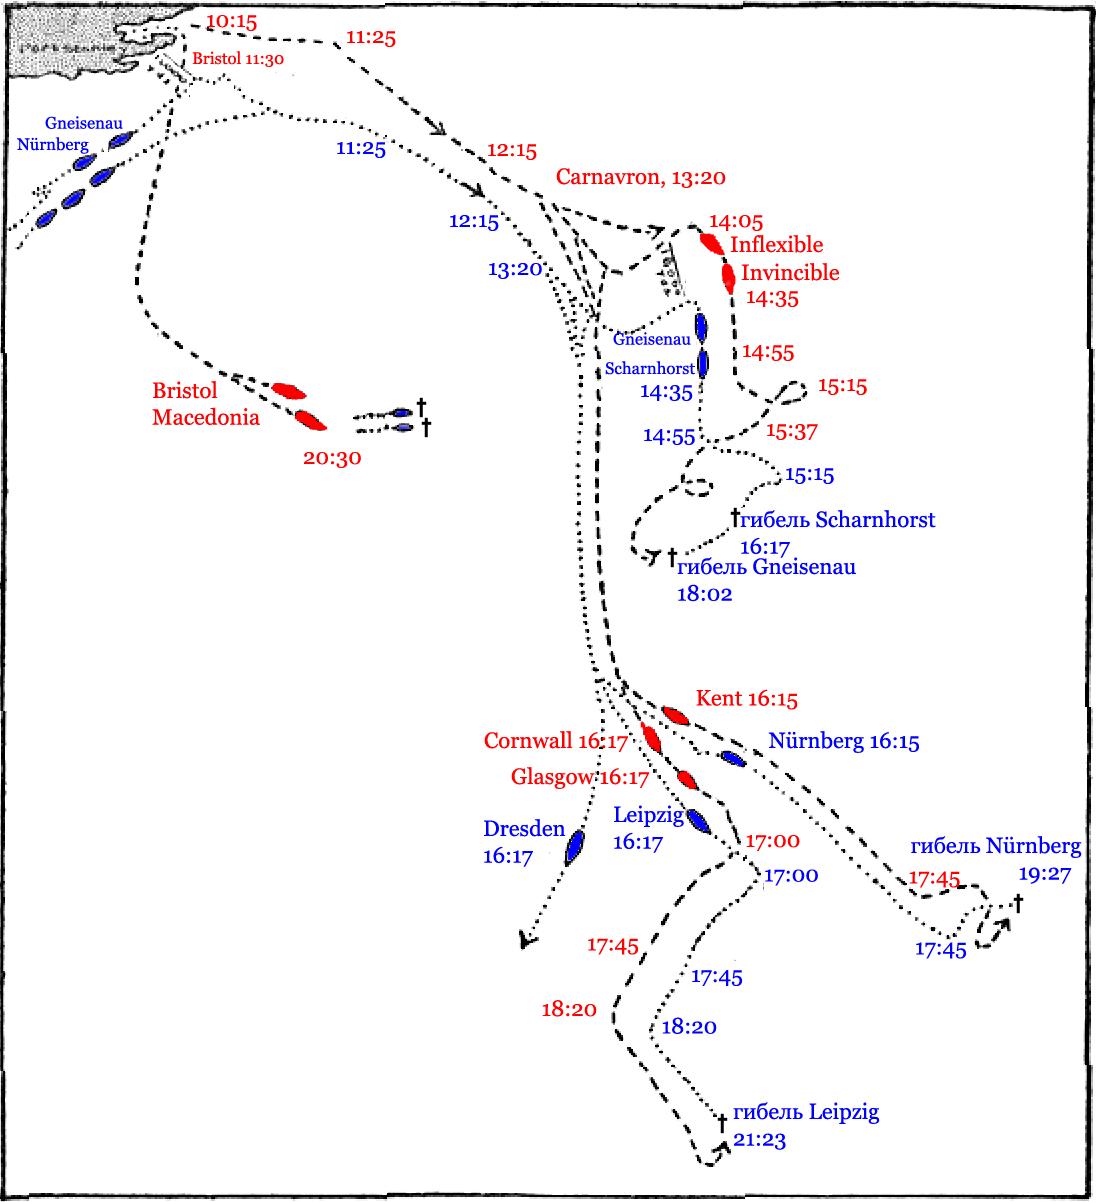 Первое явление линейных крейсеров в бою